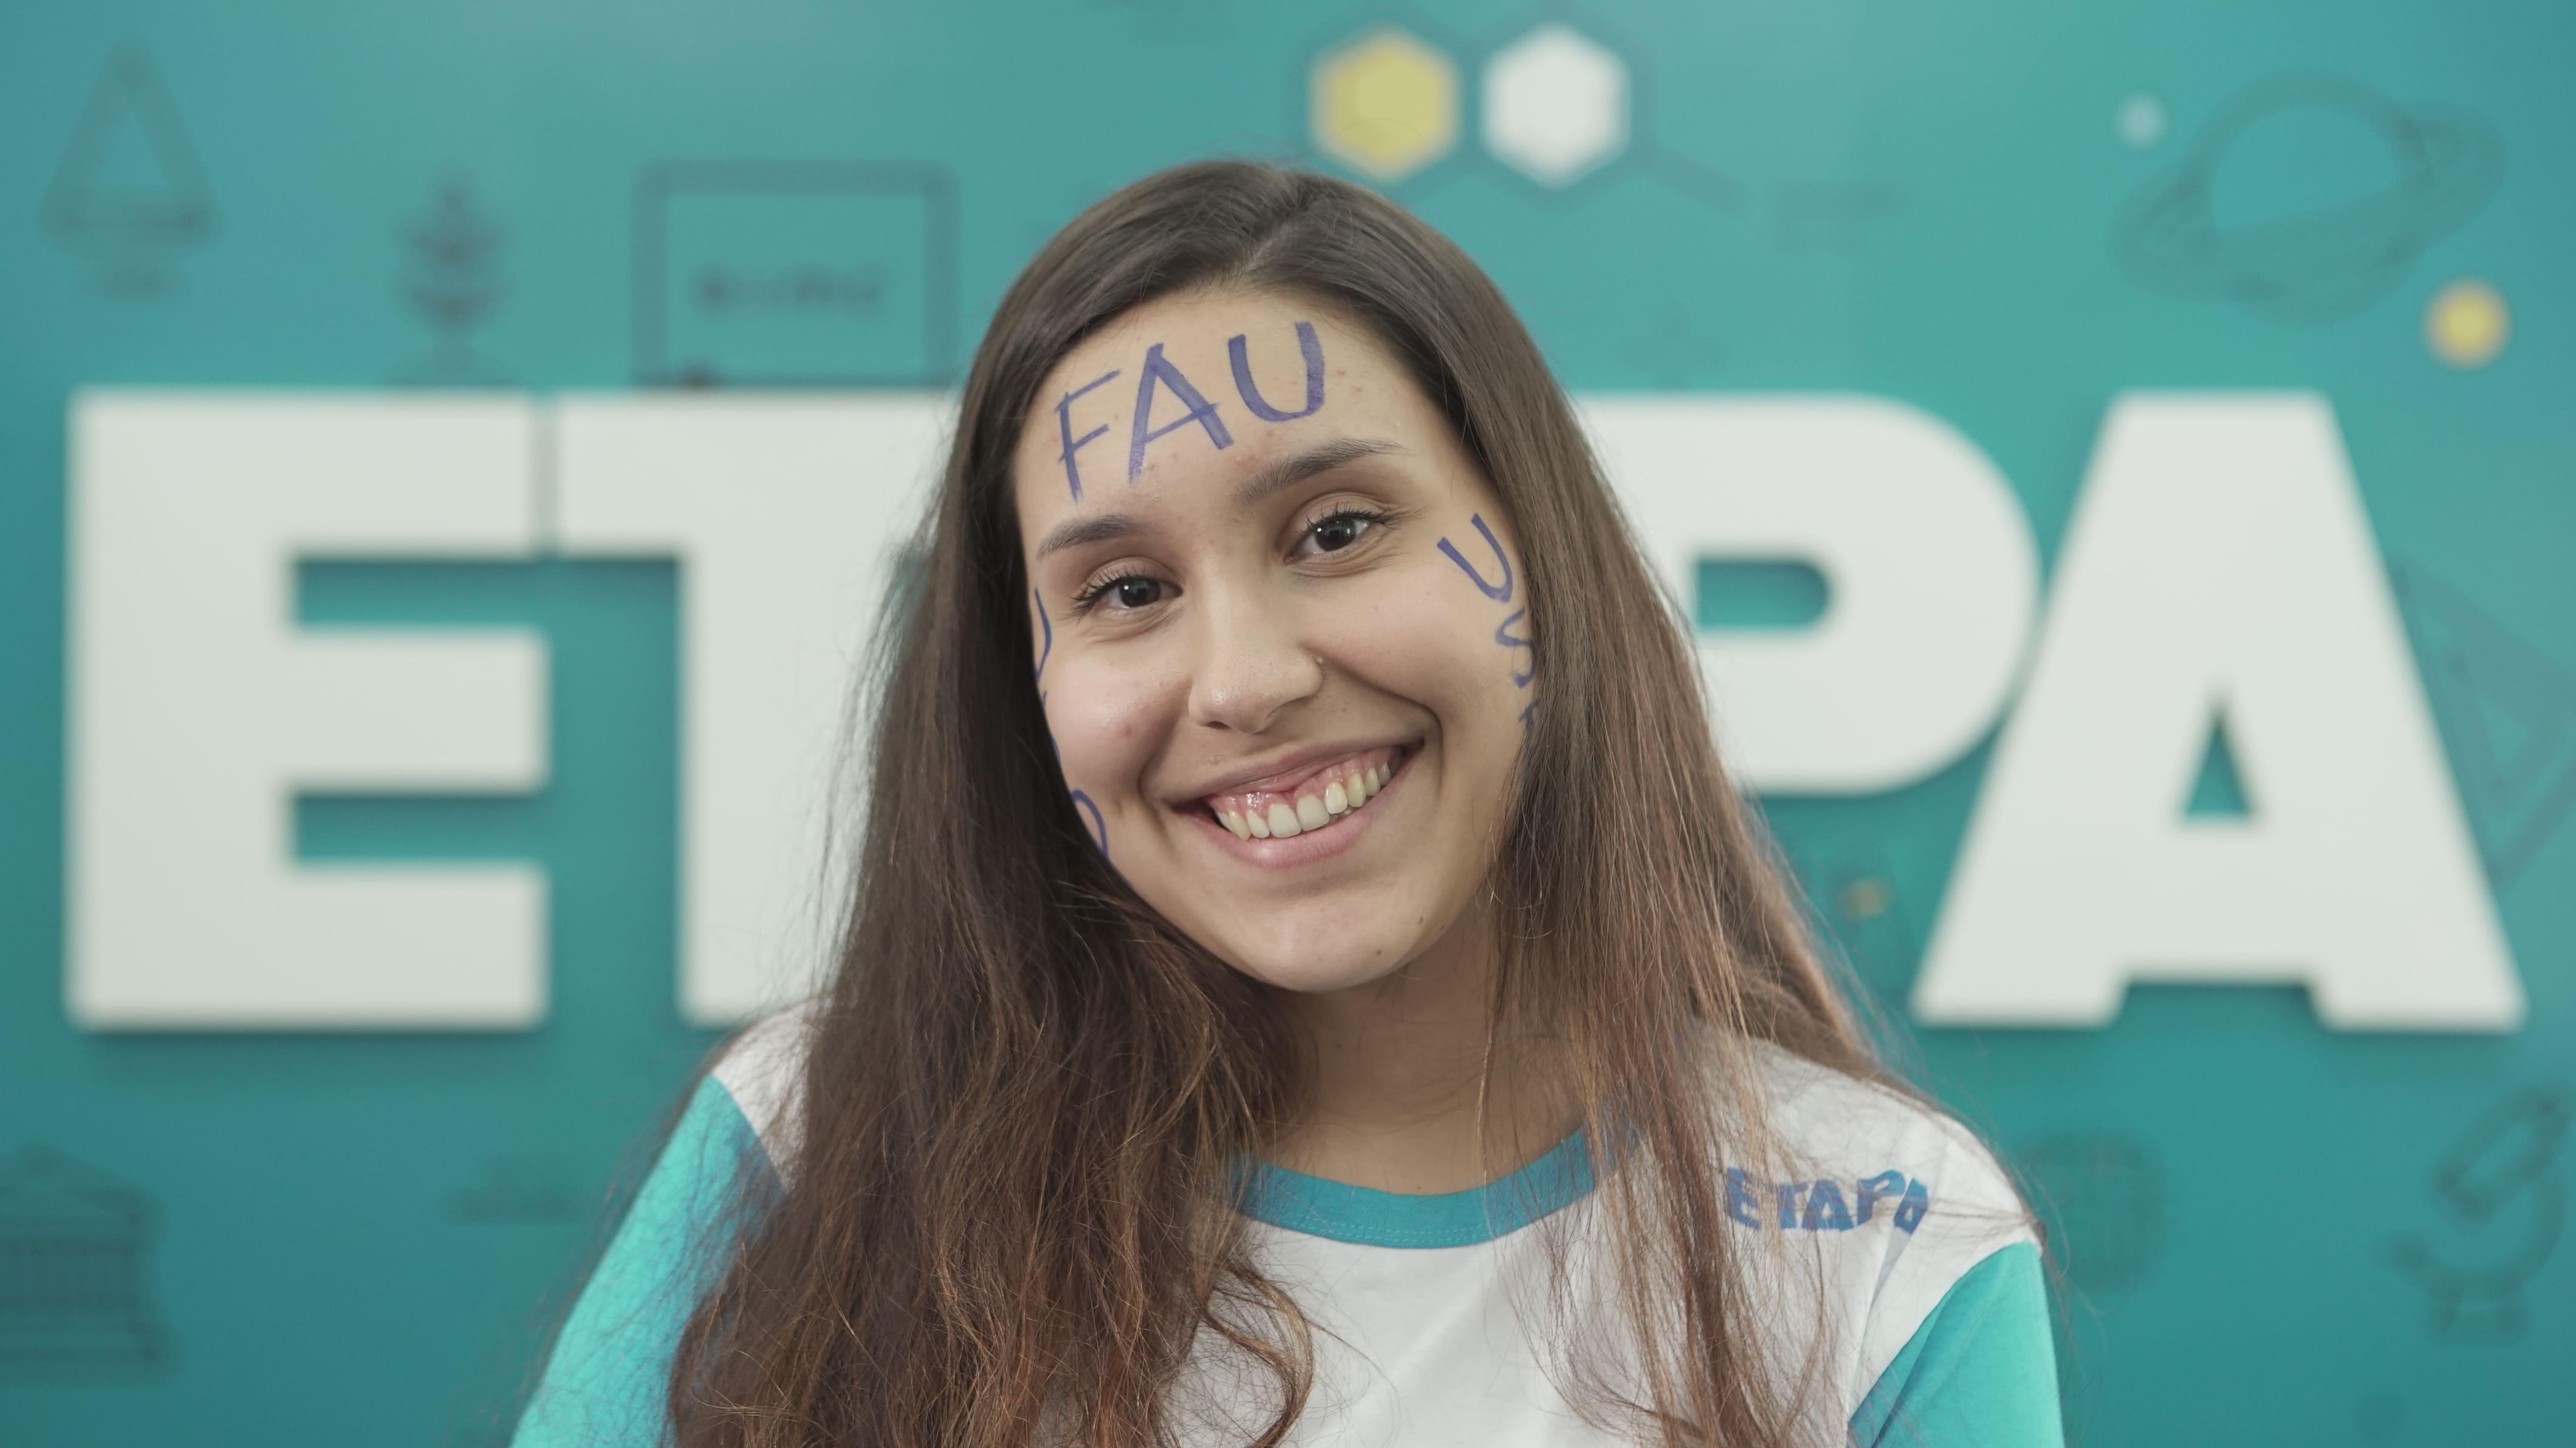 Rafaela Bessi Martinez afirma que os reforços e os resumos foram ferramentas essenciais para a sua aprovação.